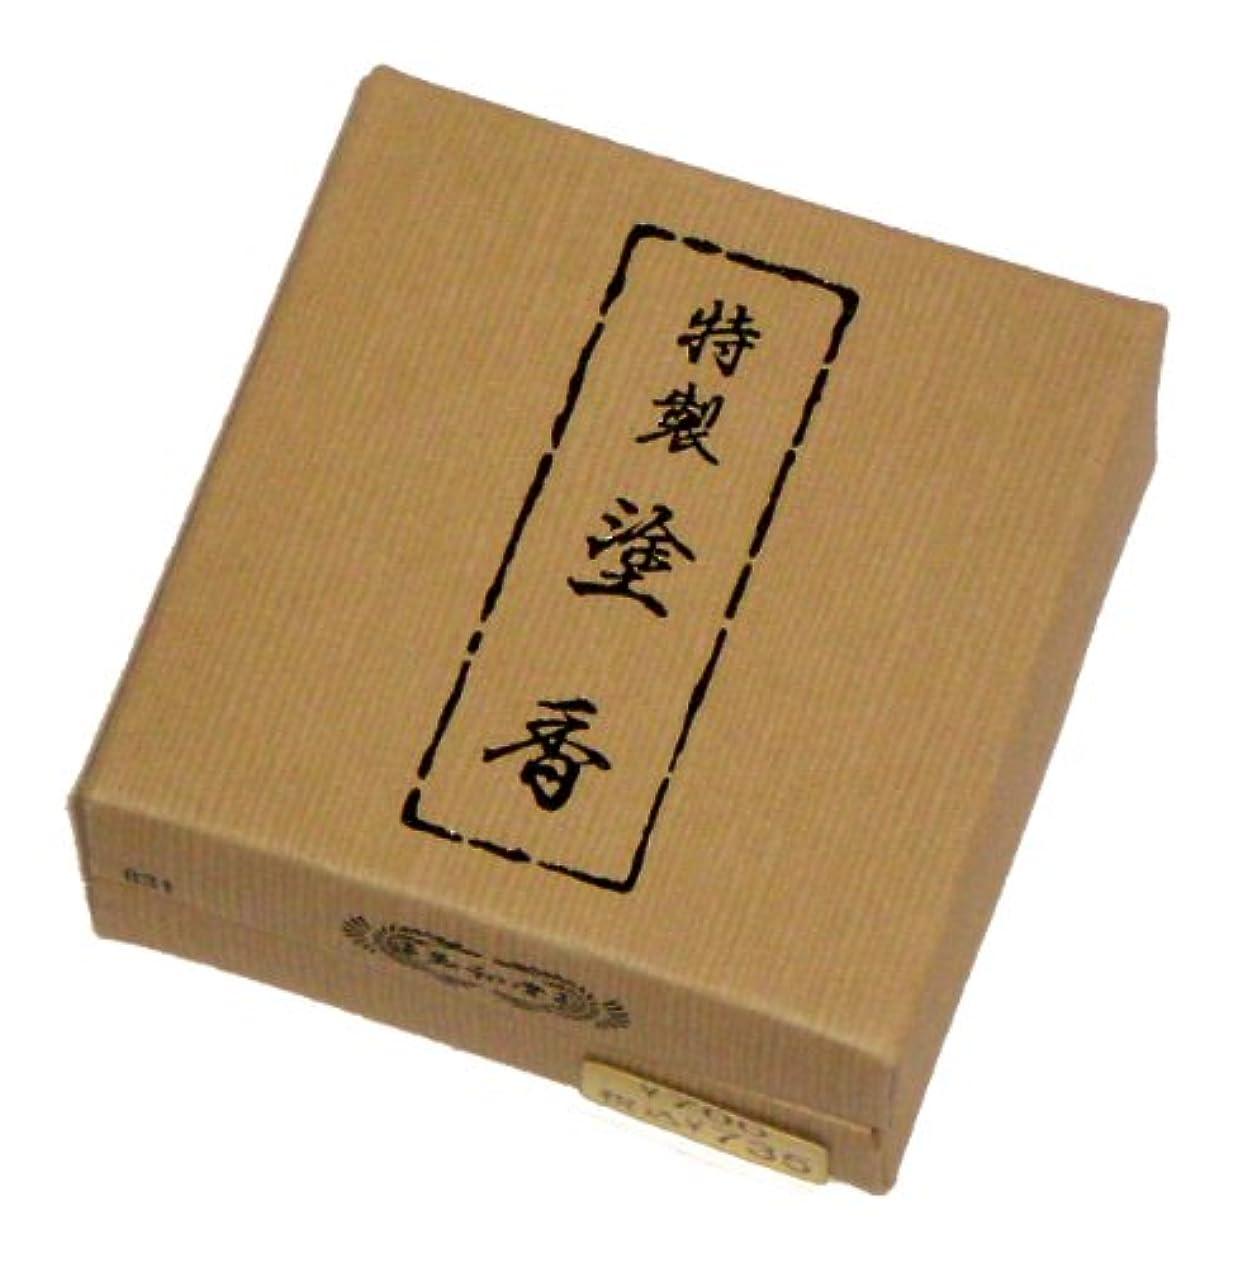 樫の木代替案アルファベット順玉初堂のお香 特製塗香 15g 紙箱 #831